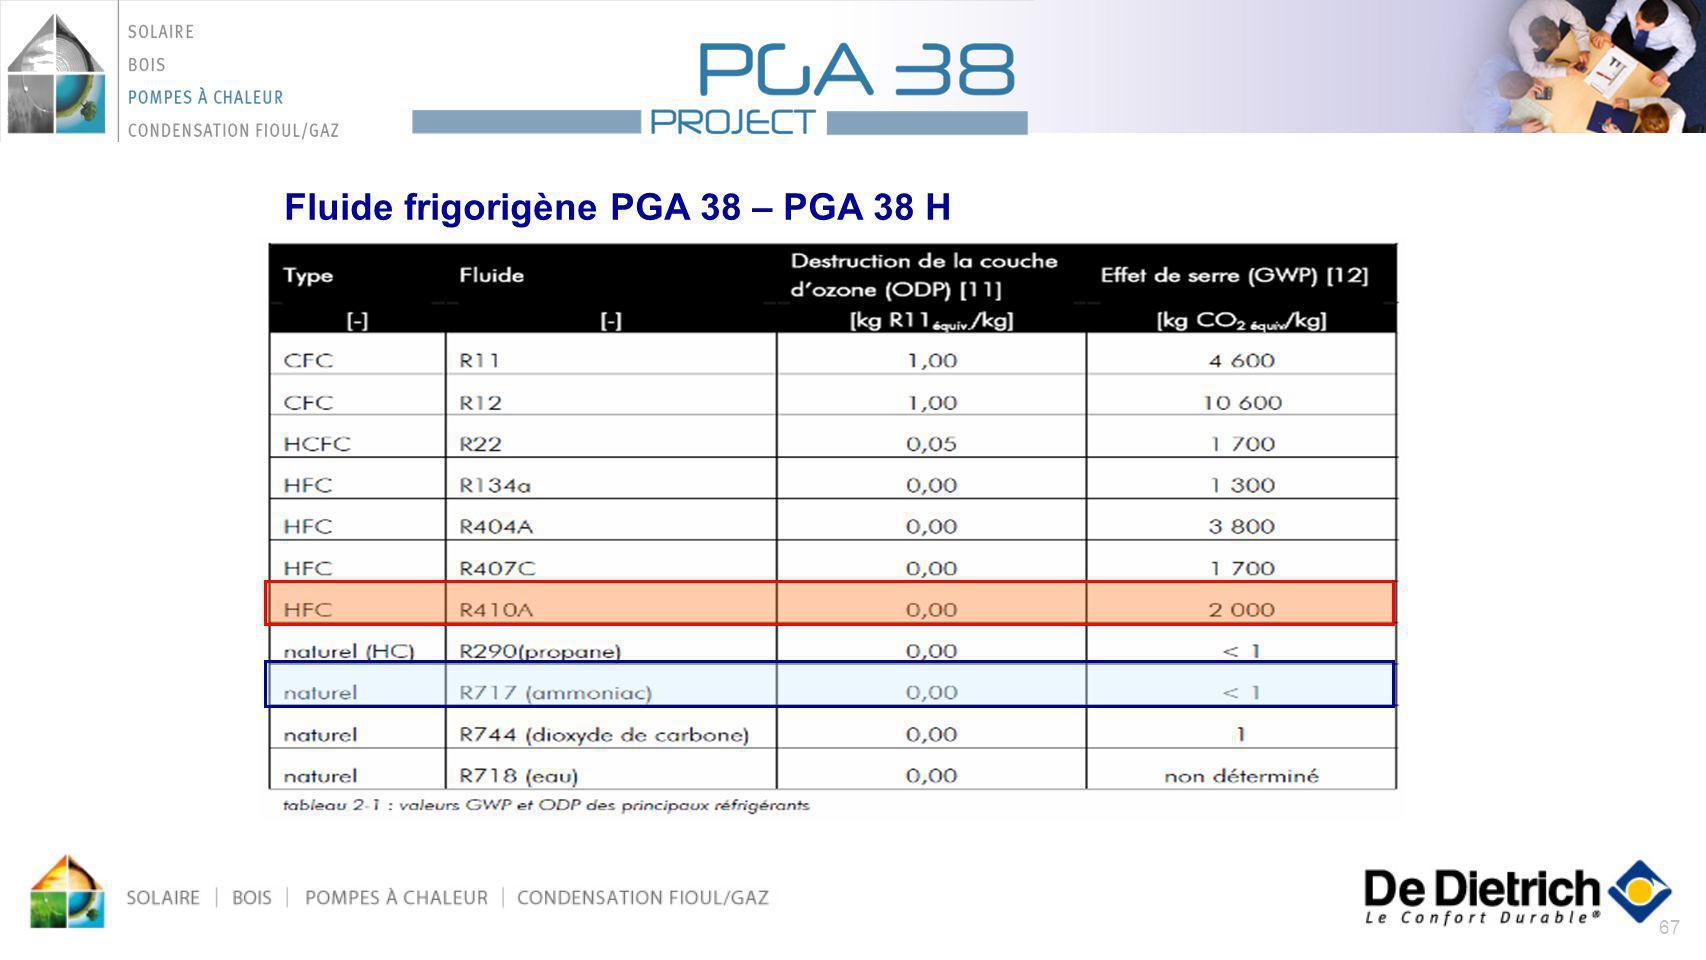 Fluide frigorigène PGA 38 – PGA 38 H